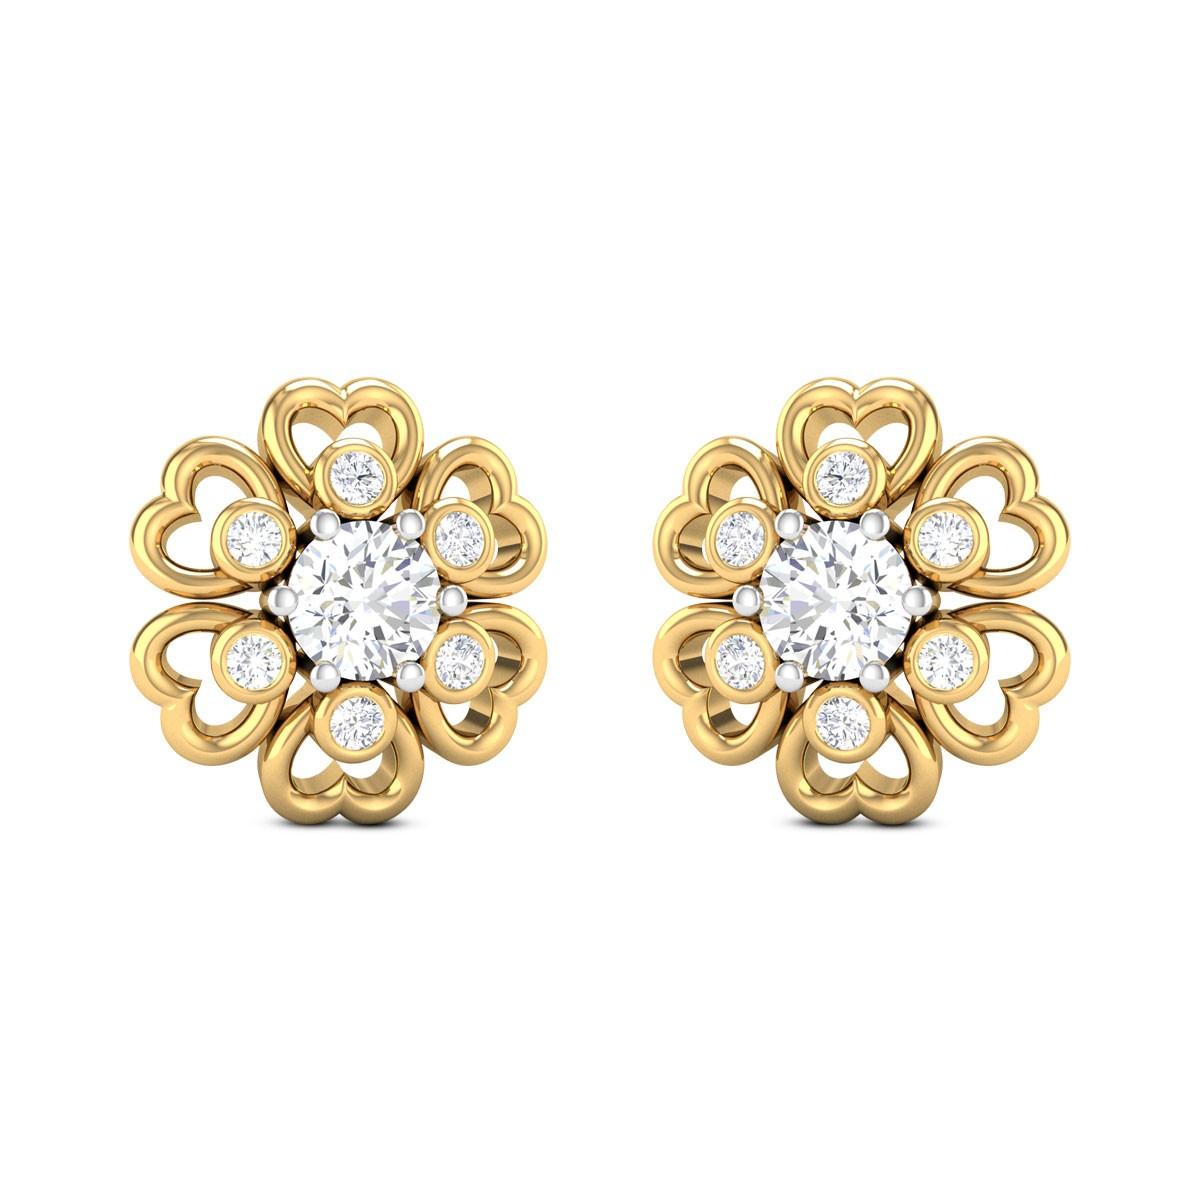 Avaneesh Floral Solitaire Stud Earrings